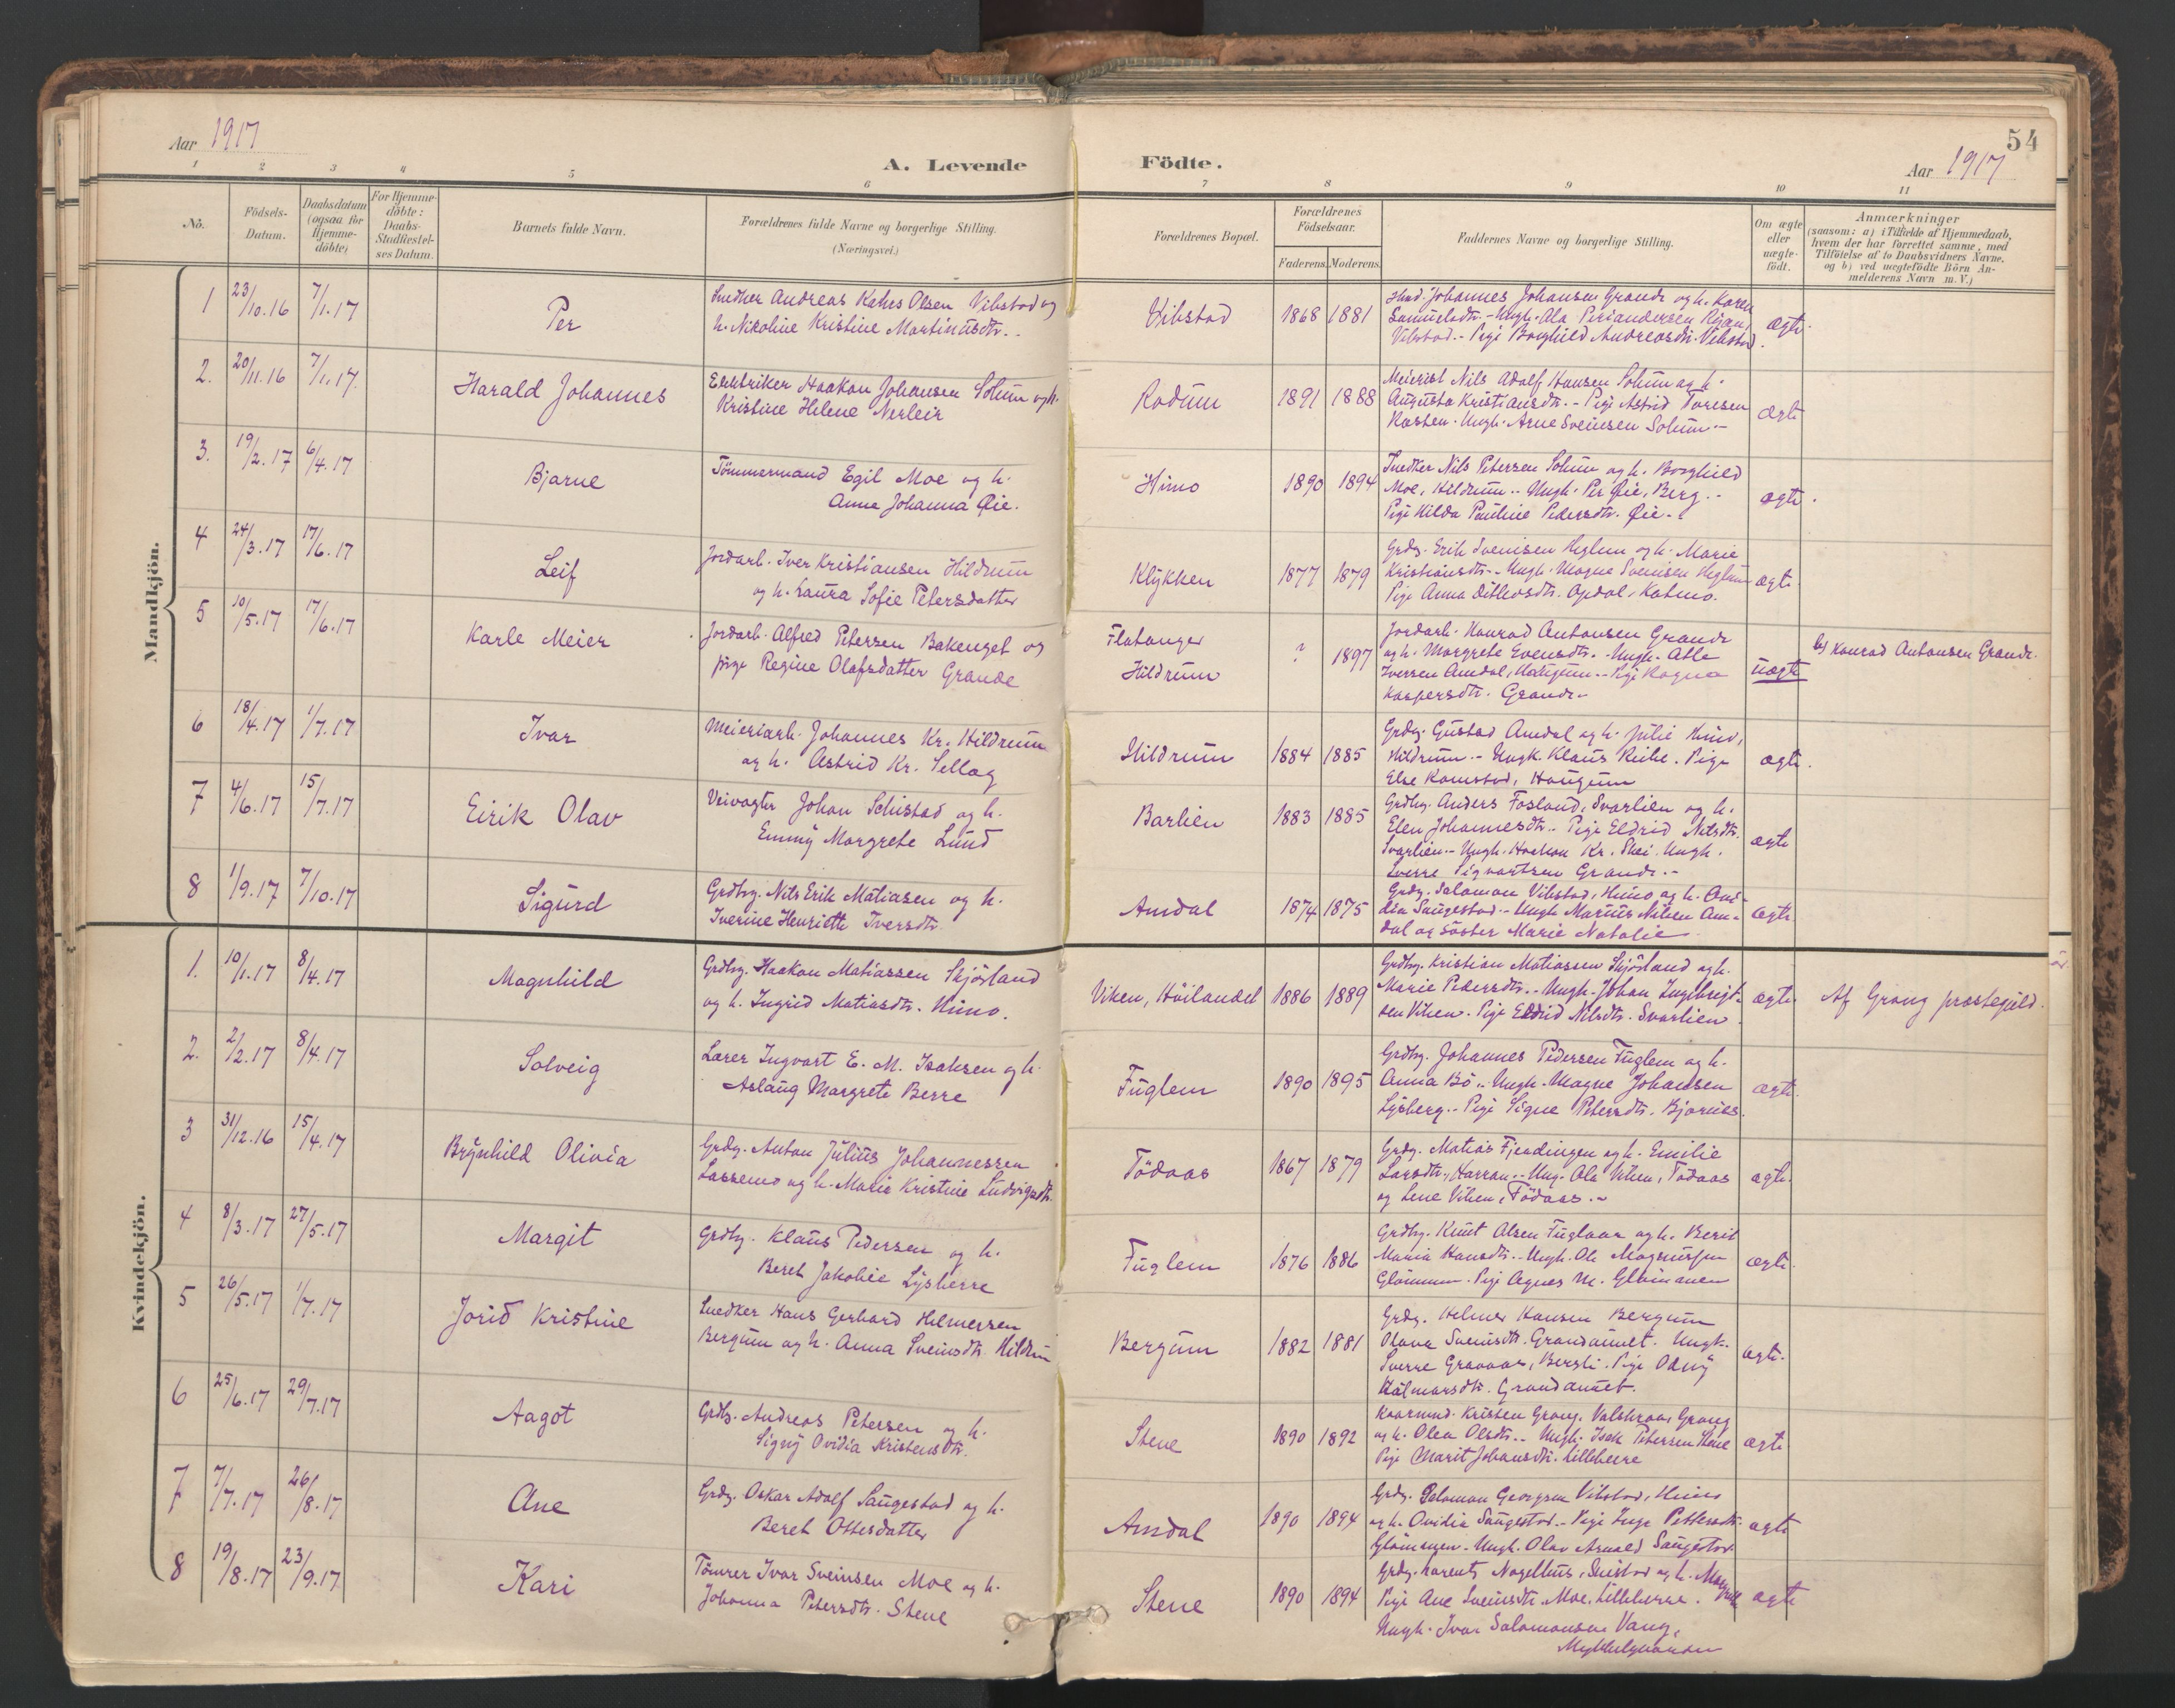 SAT, Ministerialprotokoller, klokkerbøker og fødselsregistre - Nord-Trøndelag, 764/L0556: Ministerialbok nr. 764A11, 1897-1924, s. 54